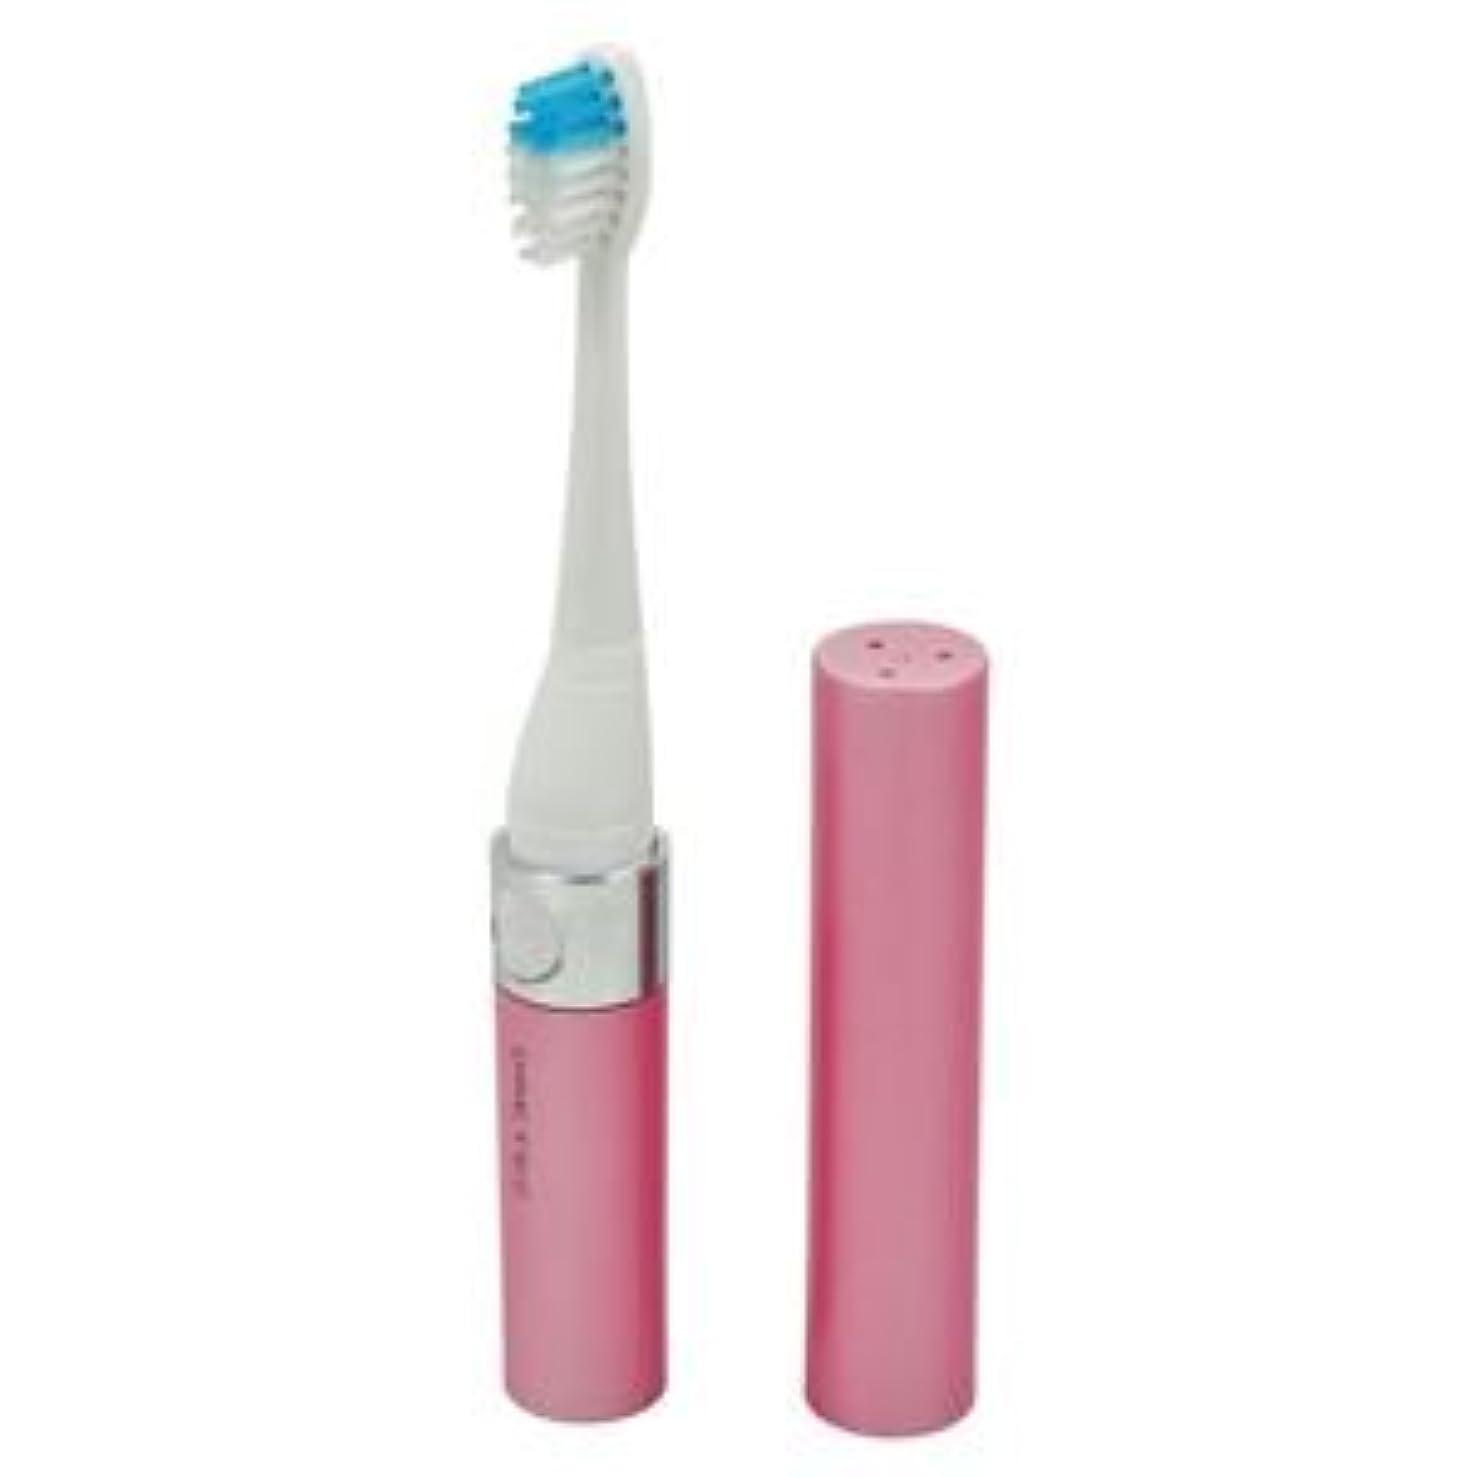 入射接続詞やむを得ないdretec(ドリテック) 音波式電動歯ブラシ TB-303PK ピンク